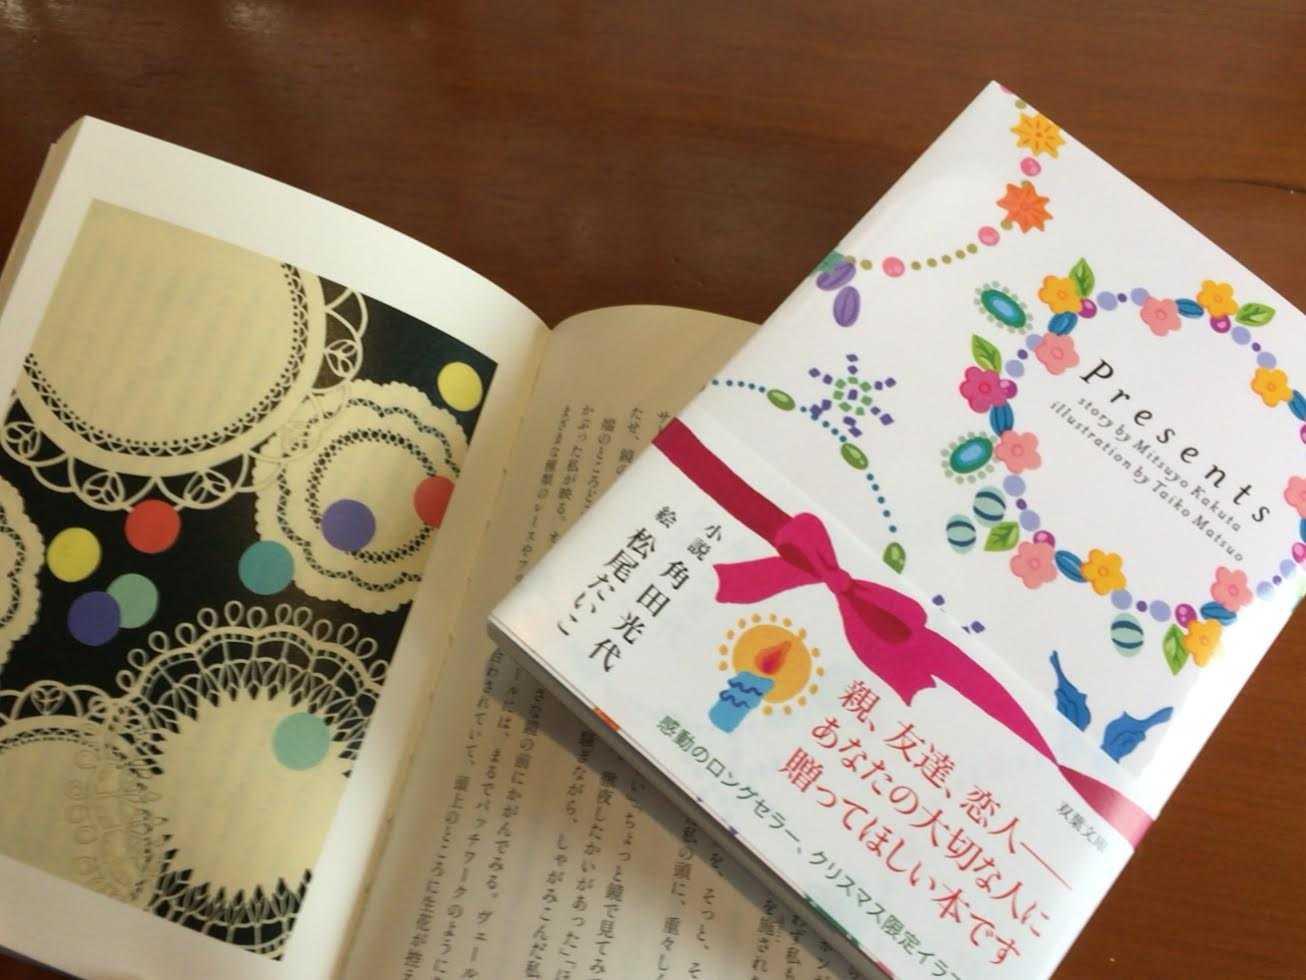 祝♪22刷:「Presents」(小説:角田光代 絵:松尾たいこ)双葉文庫_d0339885_12580020.jpg